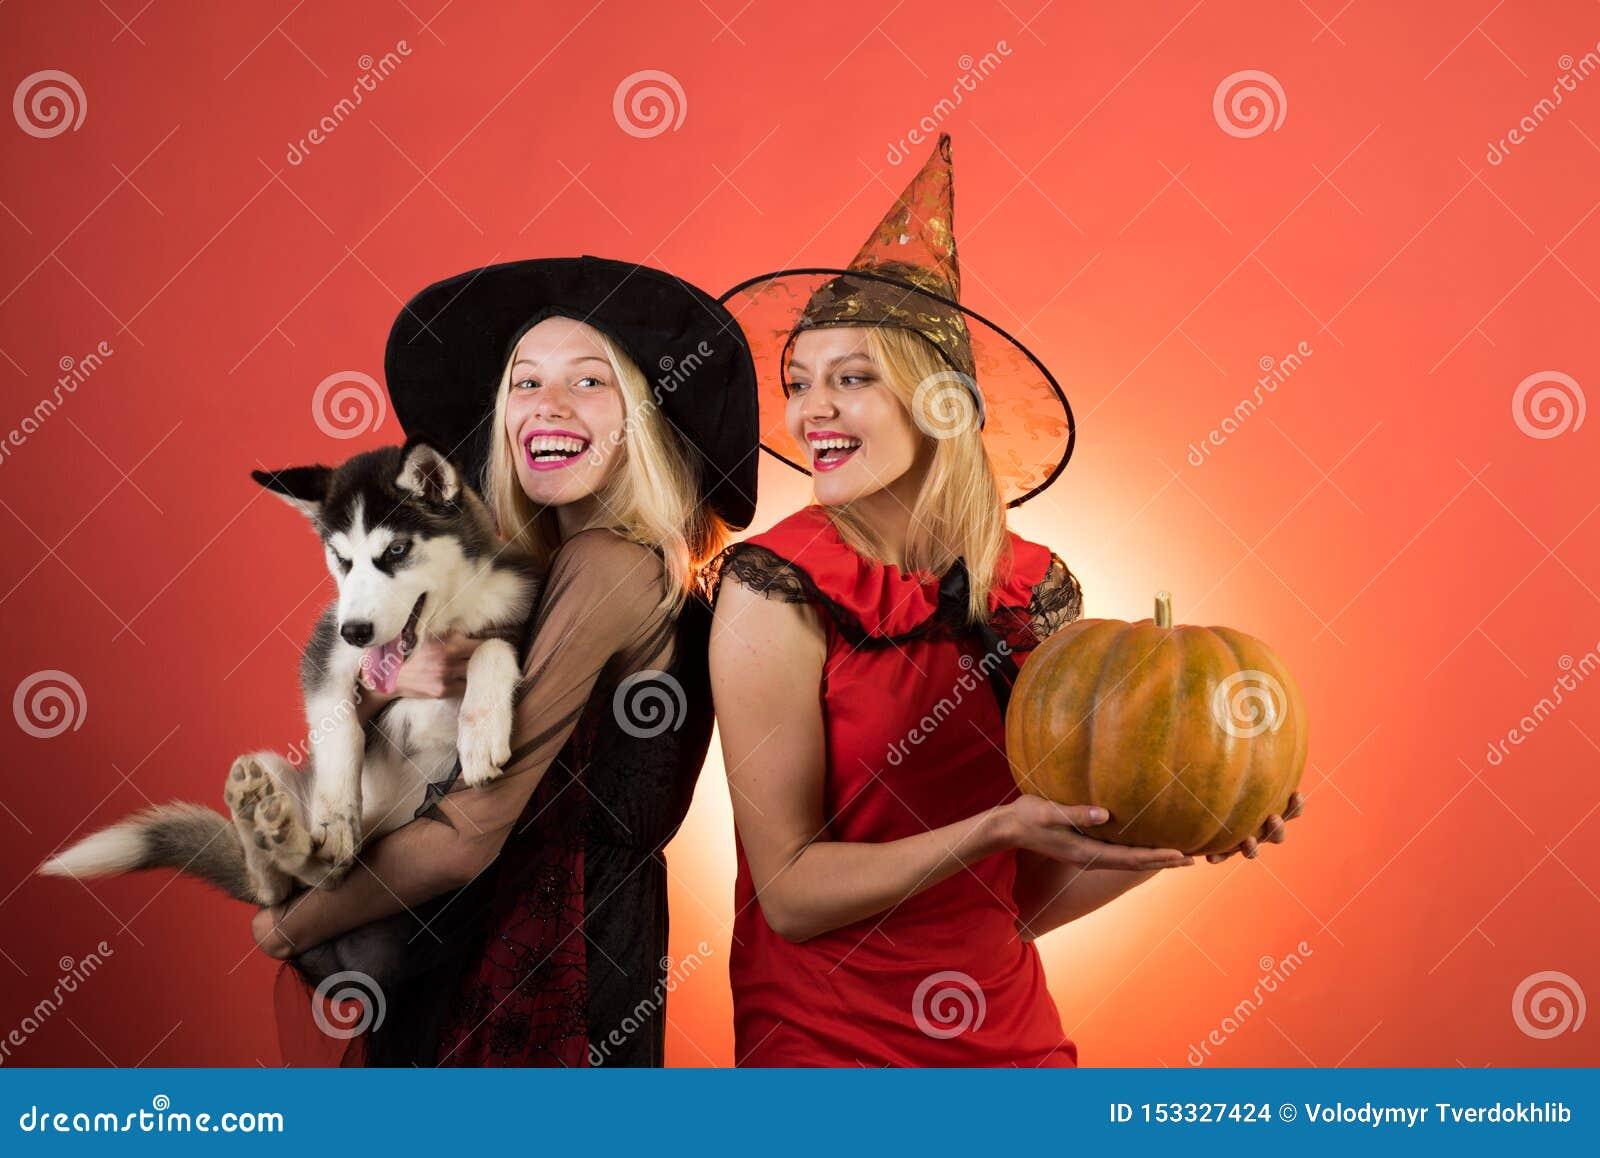 Foto van twee jonge wijfjes met Halloween-pompoen en weinig Schor hond, hebbend pret Twee gelukkige jonge vrouwen in zwarte en